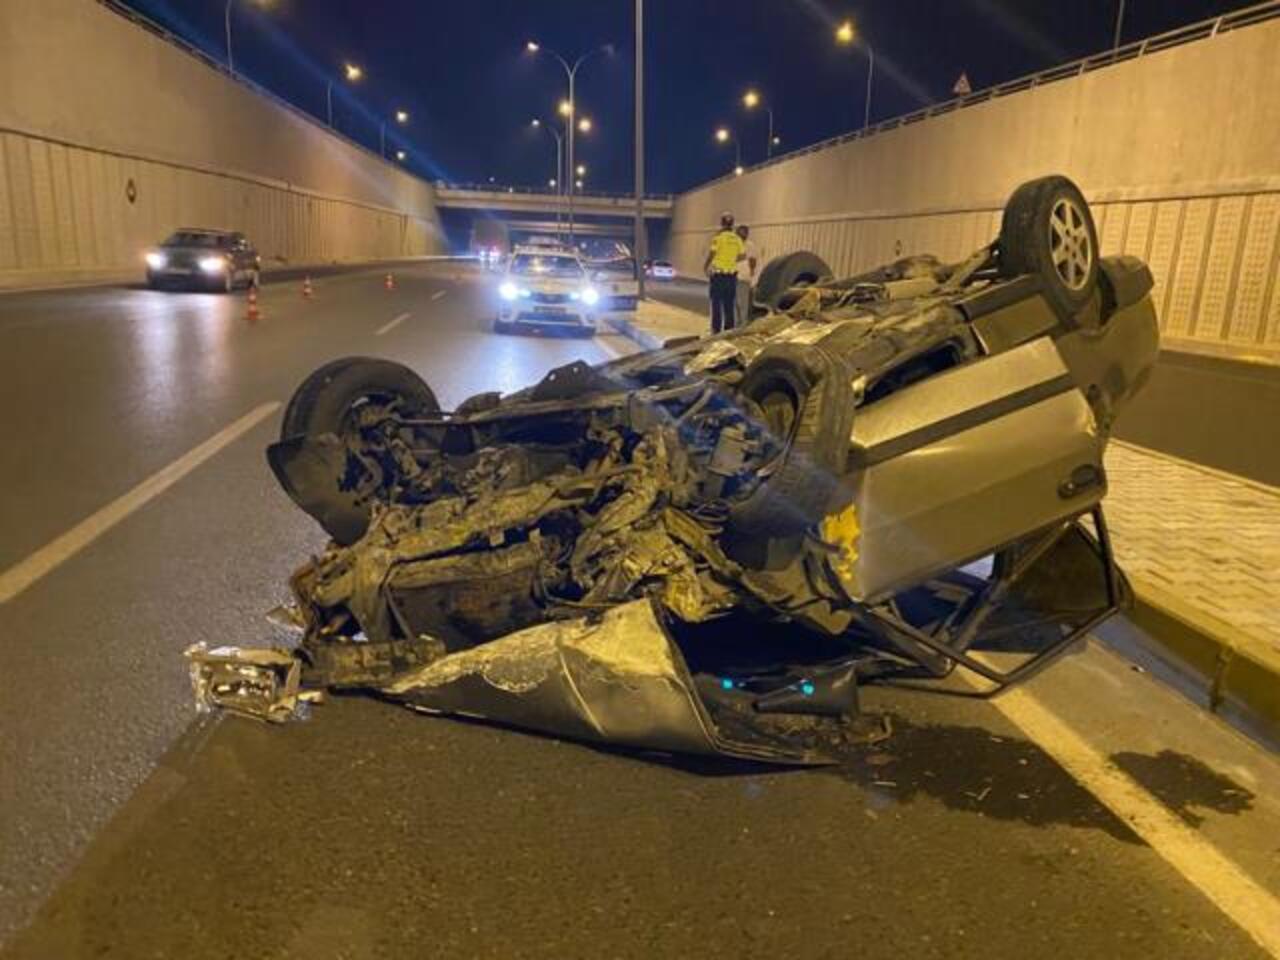 Kahramanmaraş'ta otomobilin devrilmesi sonucu iki kişi yaralandı